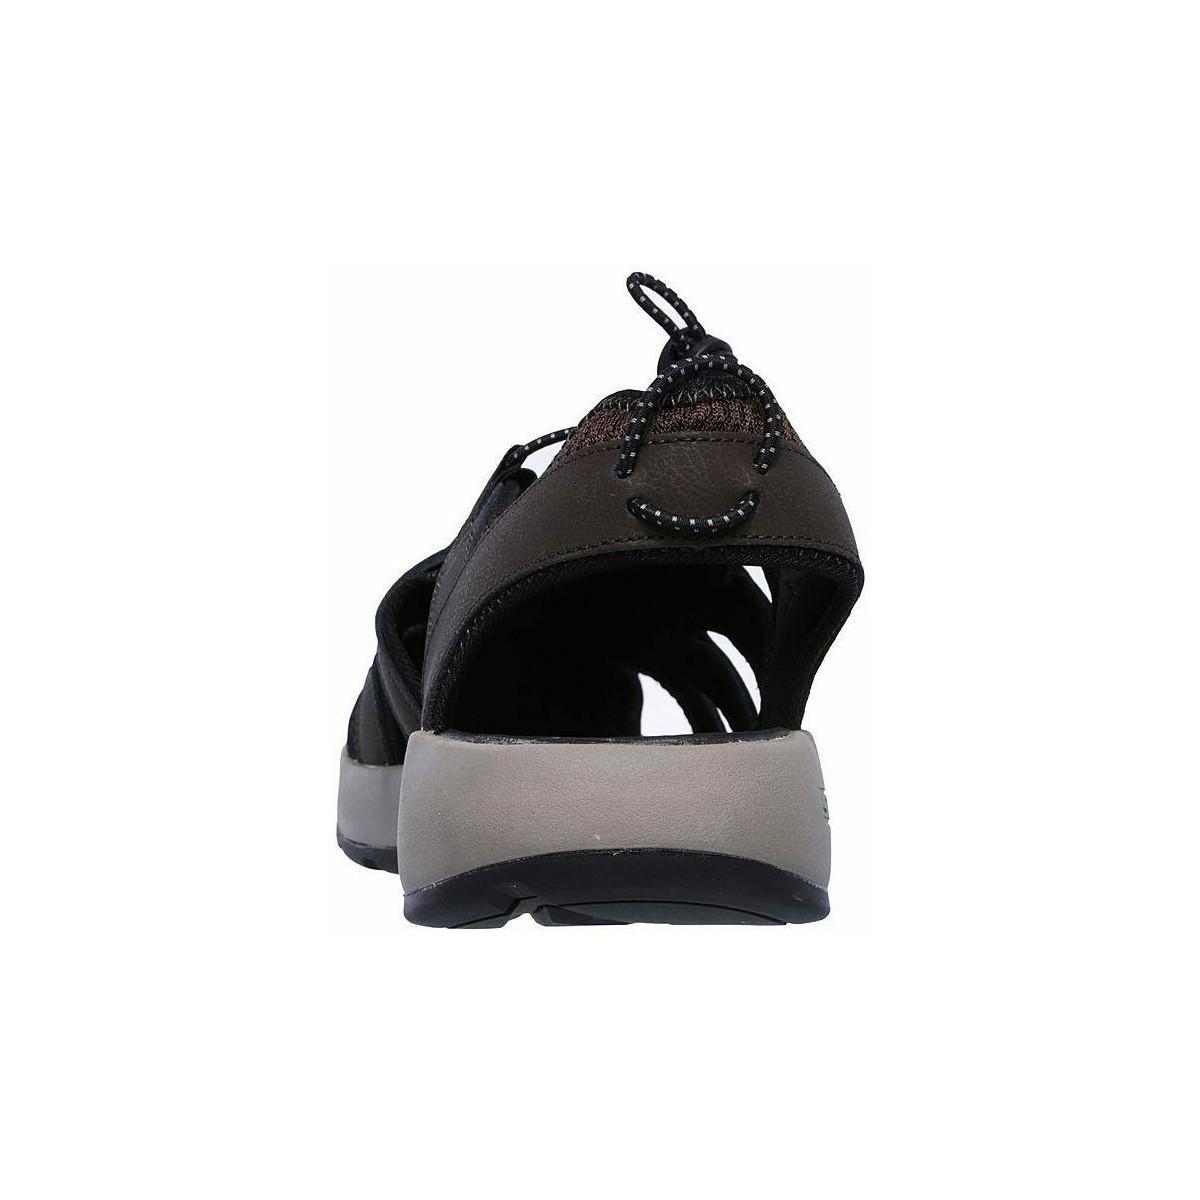 1dad85945aa1 Skechers Melbo - Journeyman 2 Men s Sandals In Brown in Brown for ...